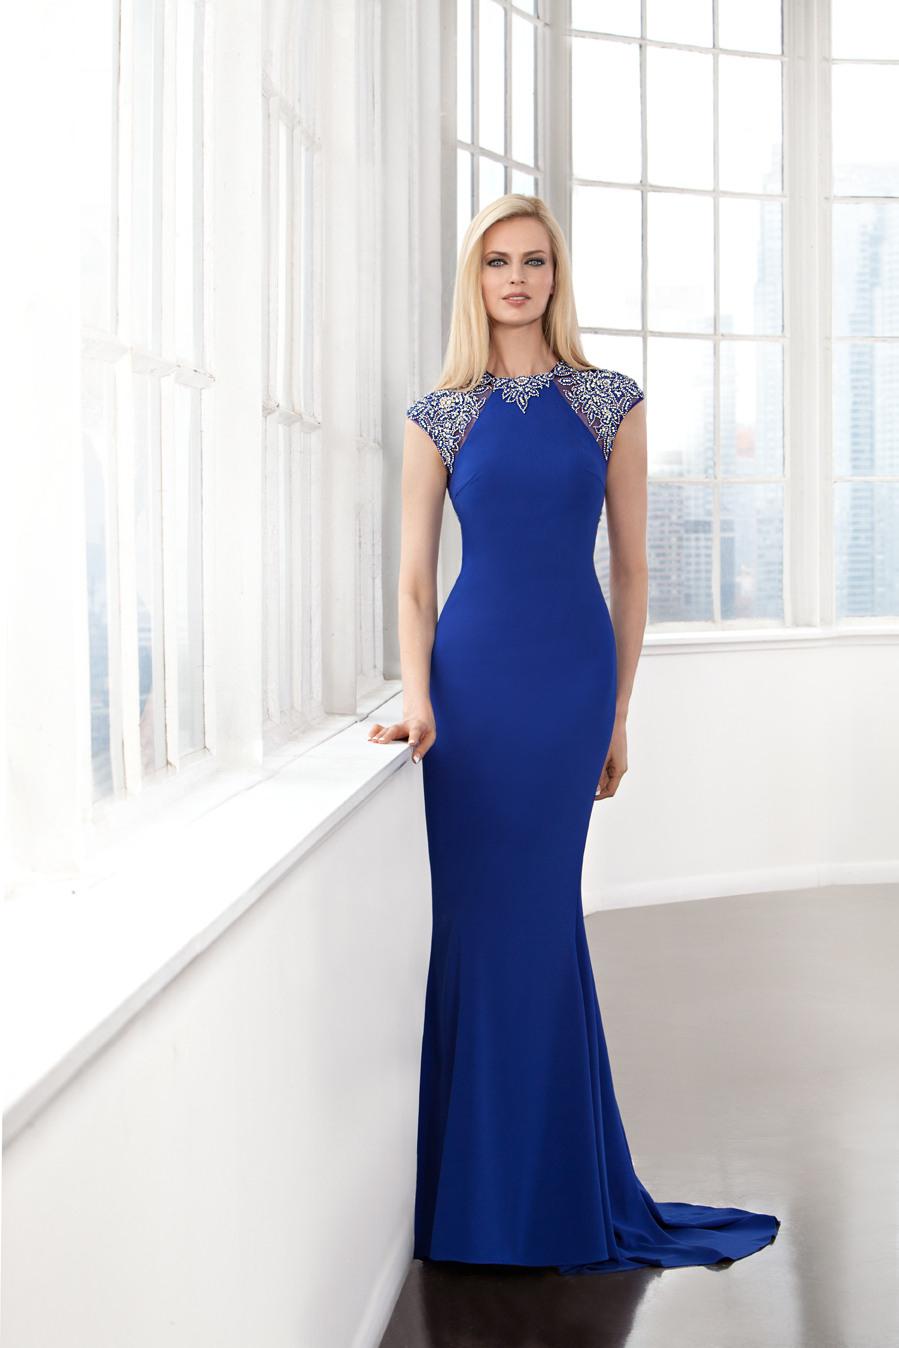 17 Spektakulär Abendkleider Frankfurt Zeil Vertrieb Luxus Abendkleider Frankfurt Zeil Galerie